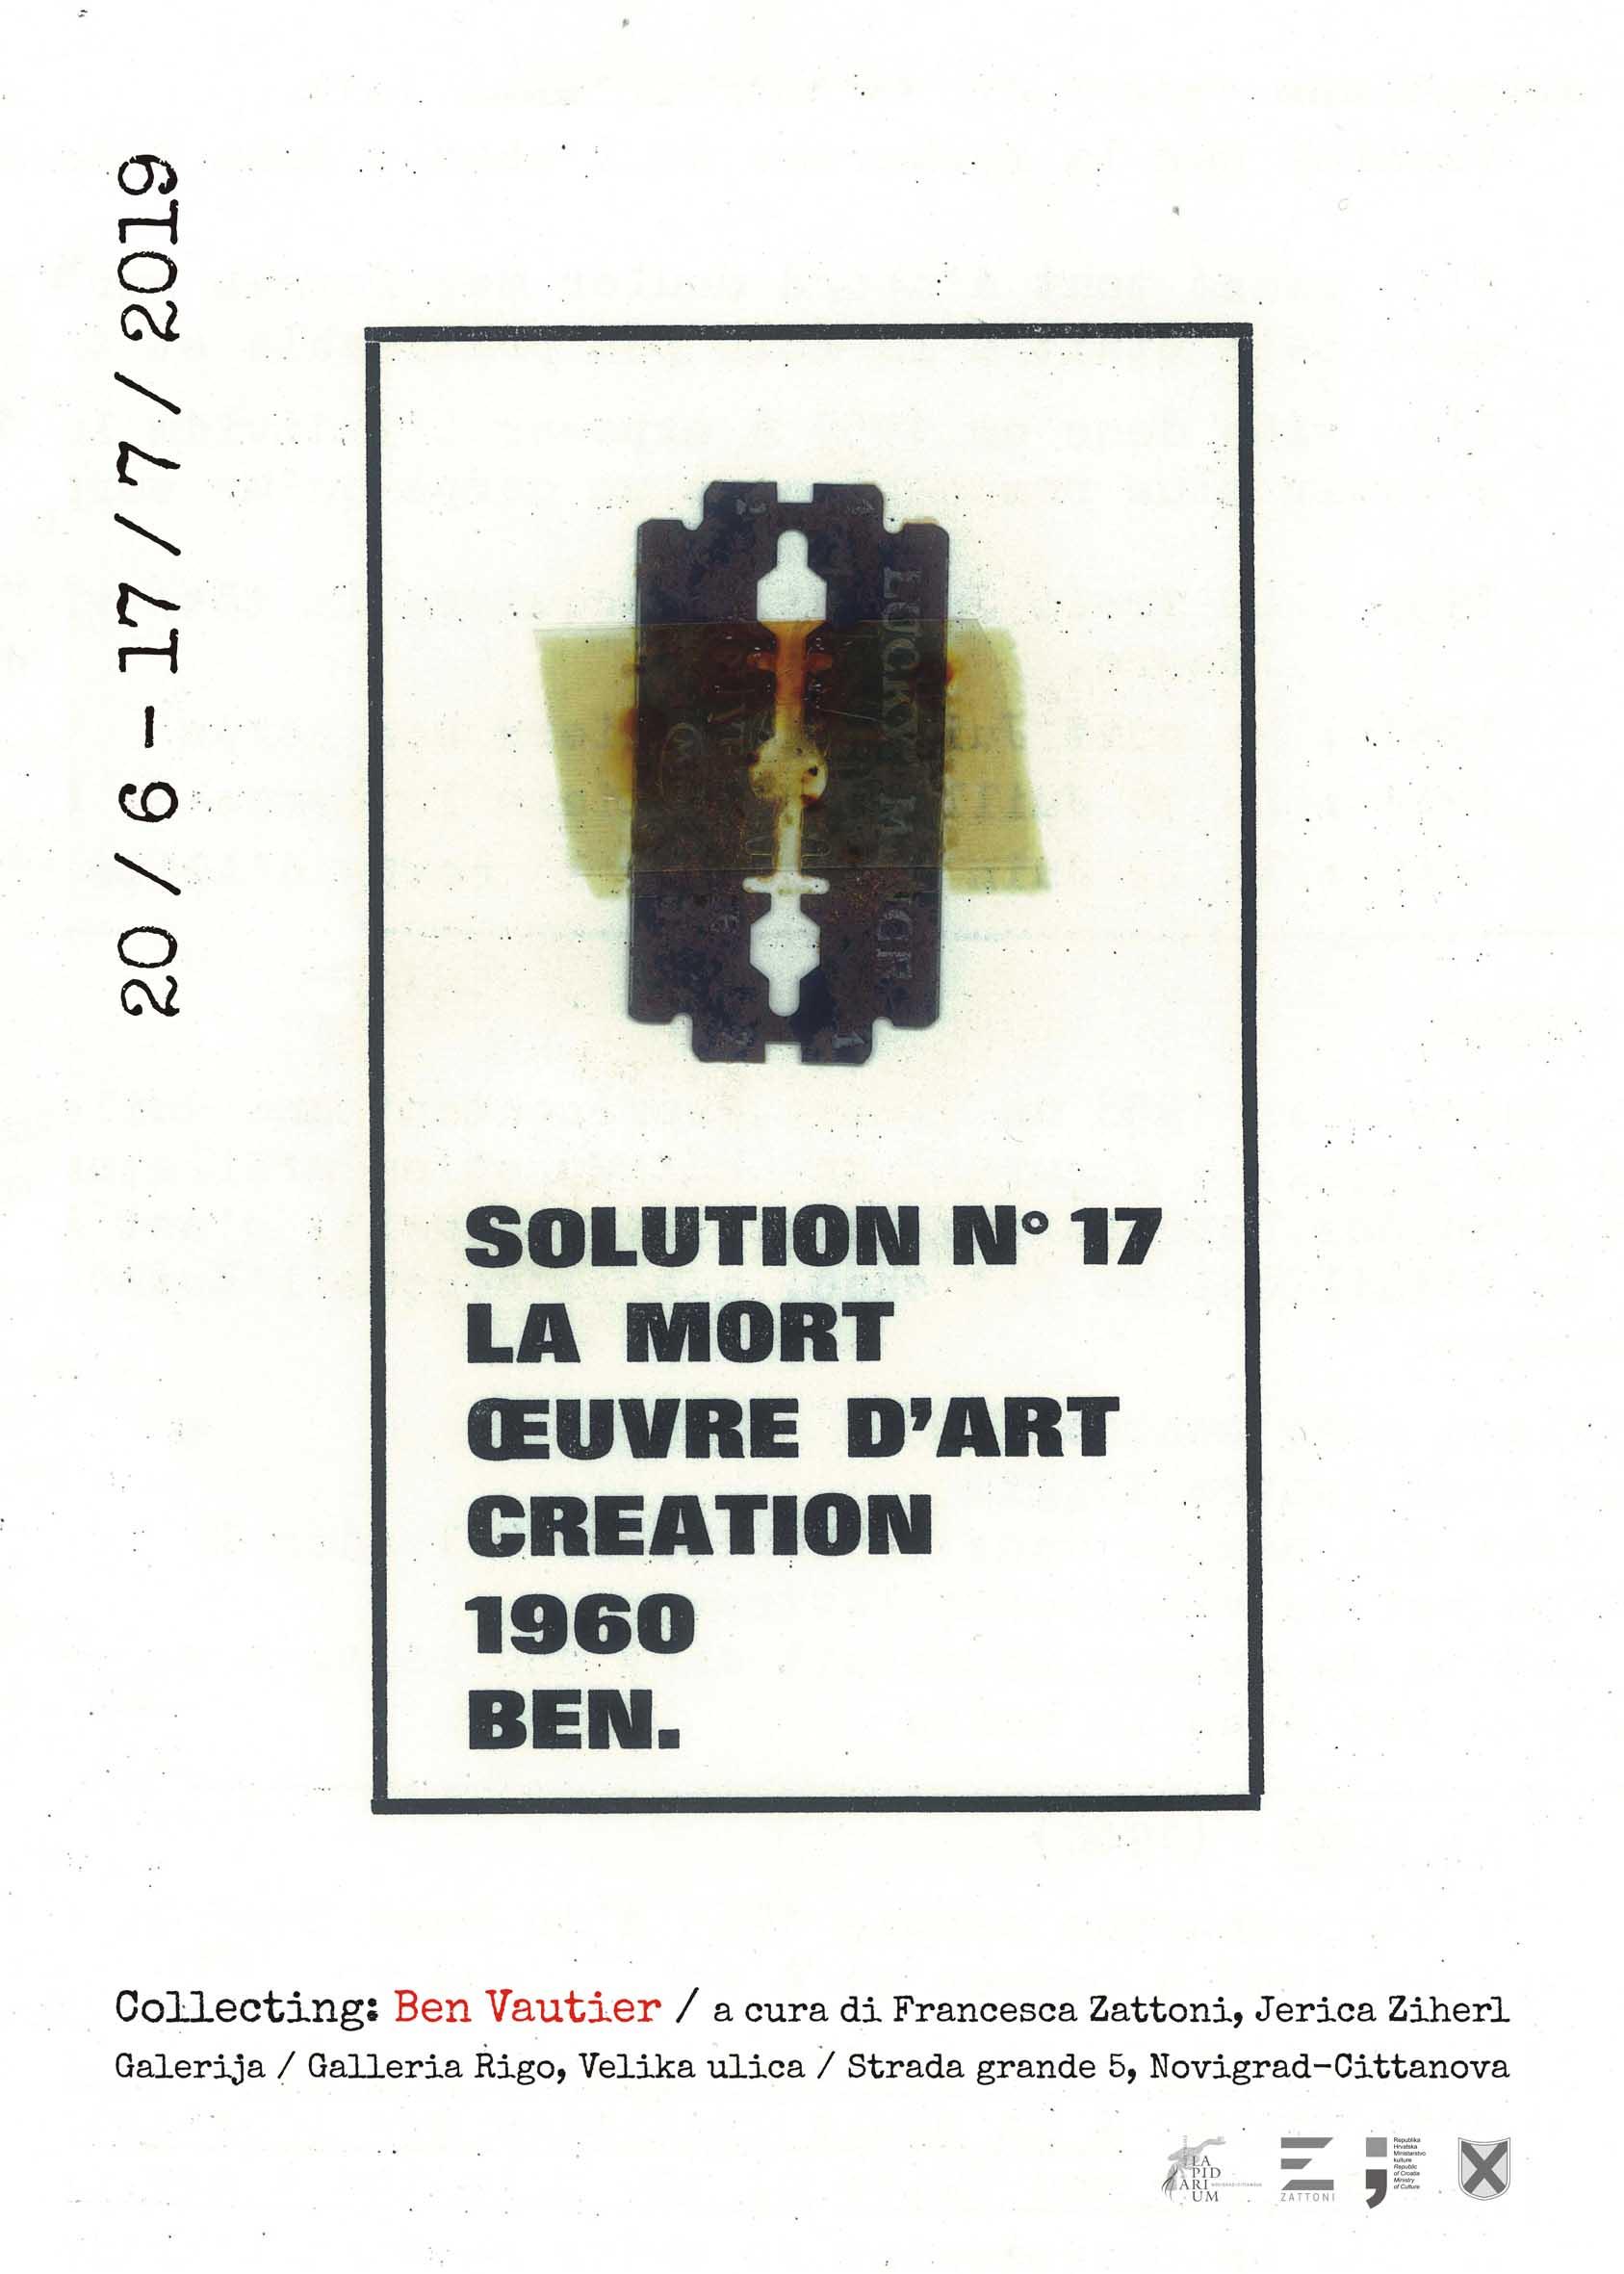 http://www.novigrad.hr/otvorenje_izlozhbe_collecting_ben_vautier